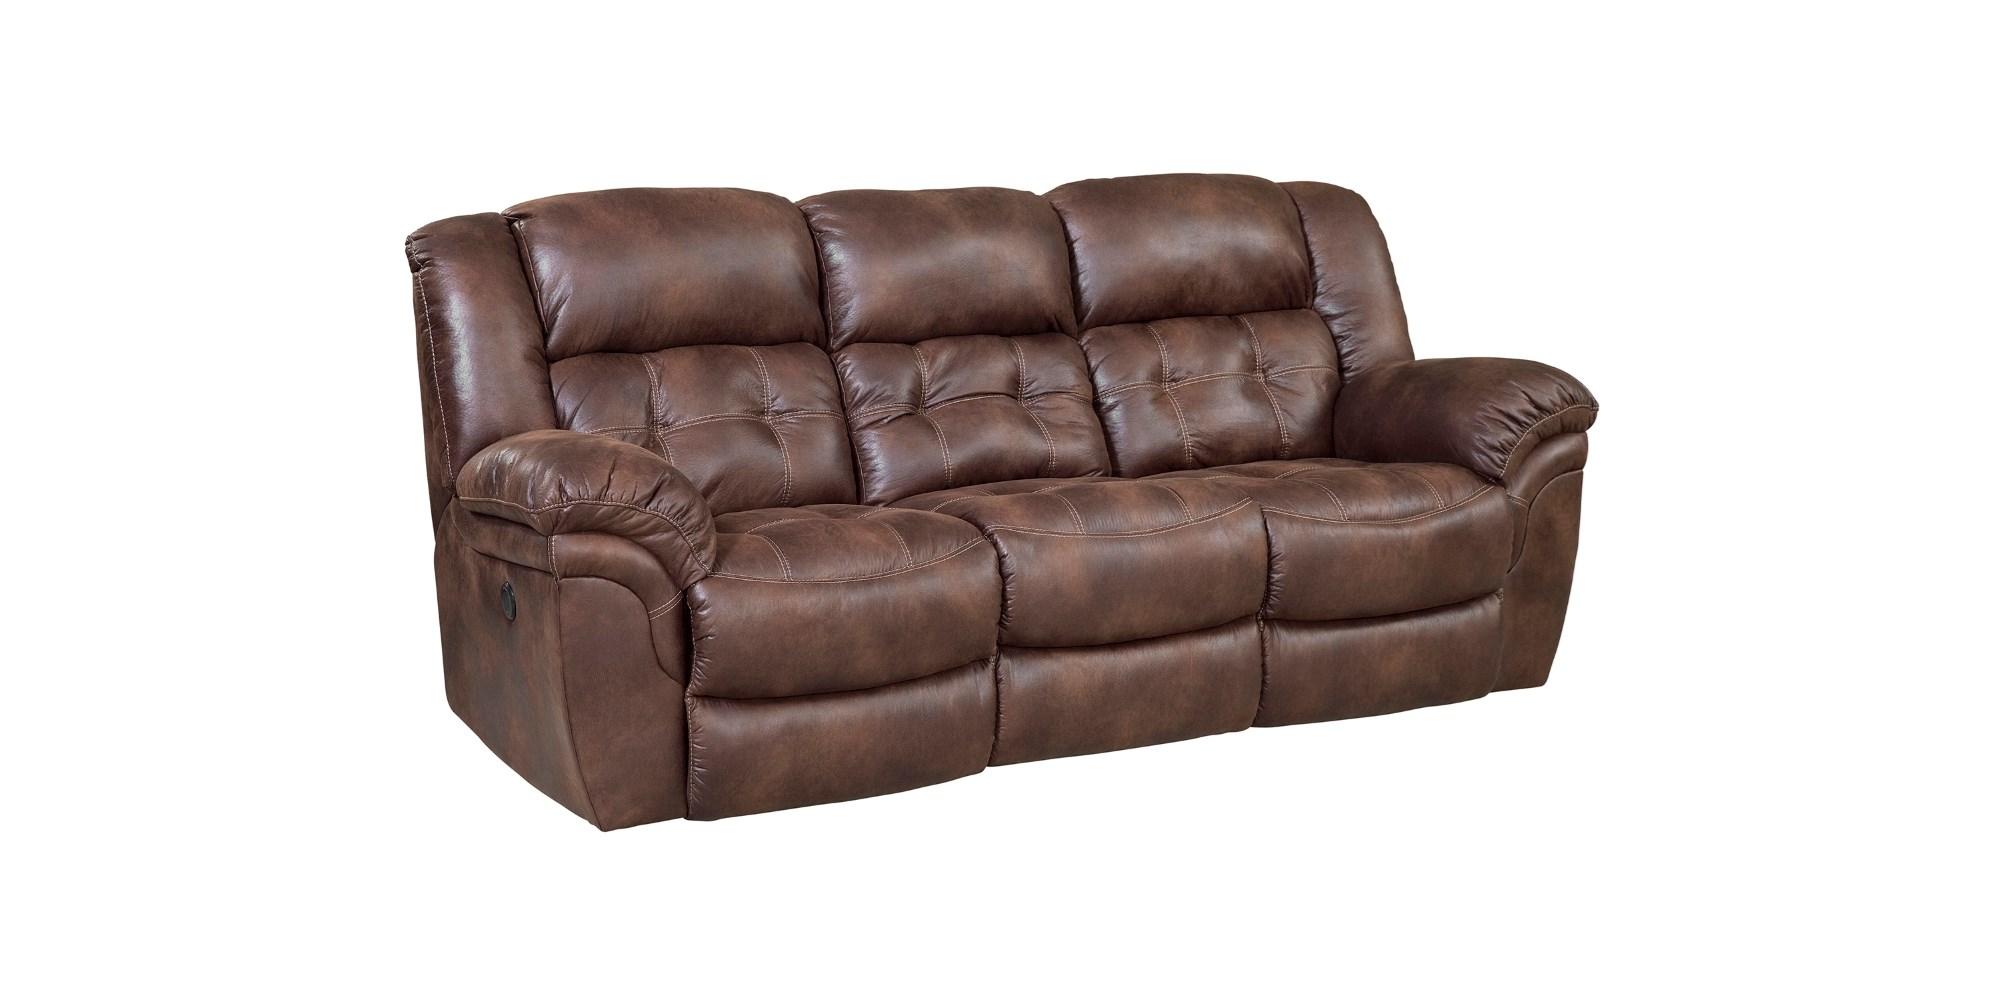 129 Casual Reclining Sofa